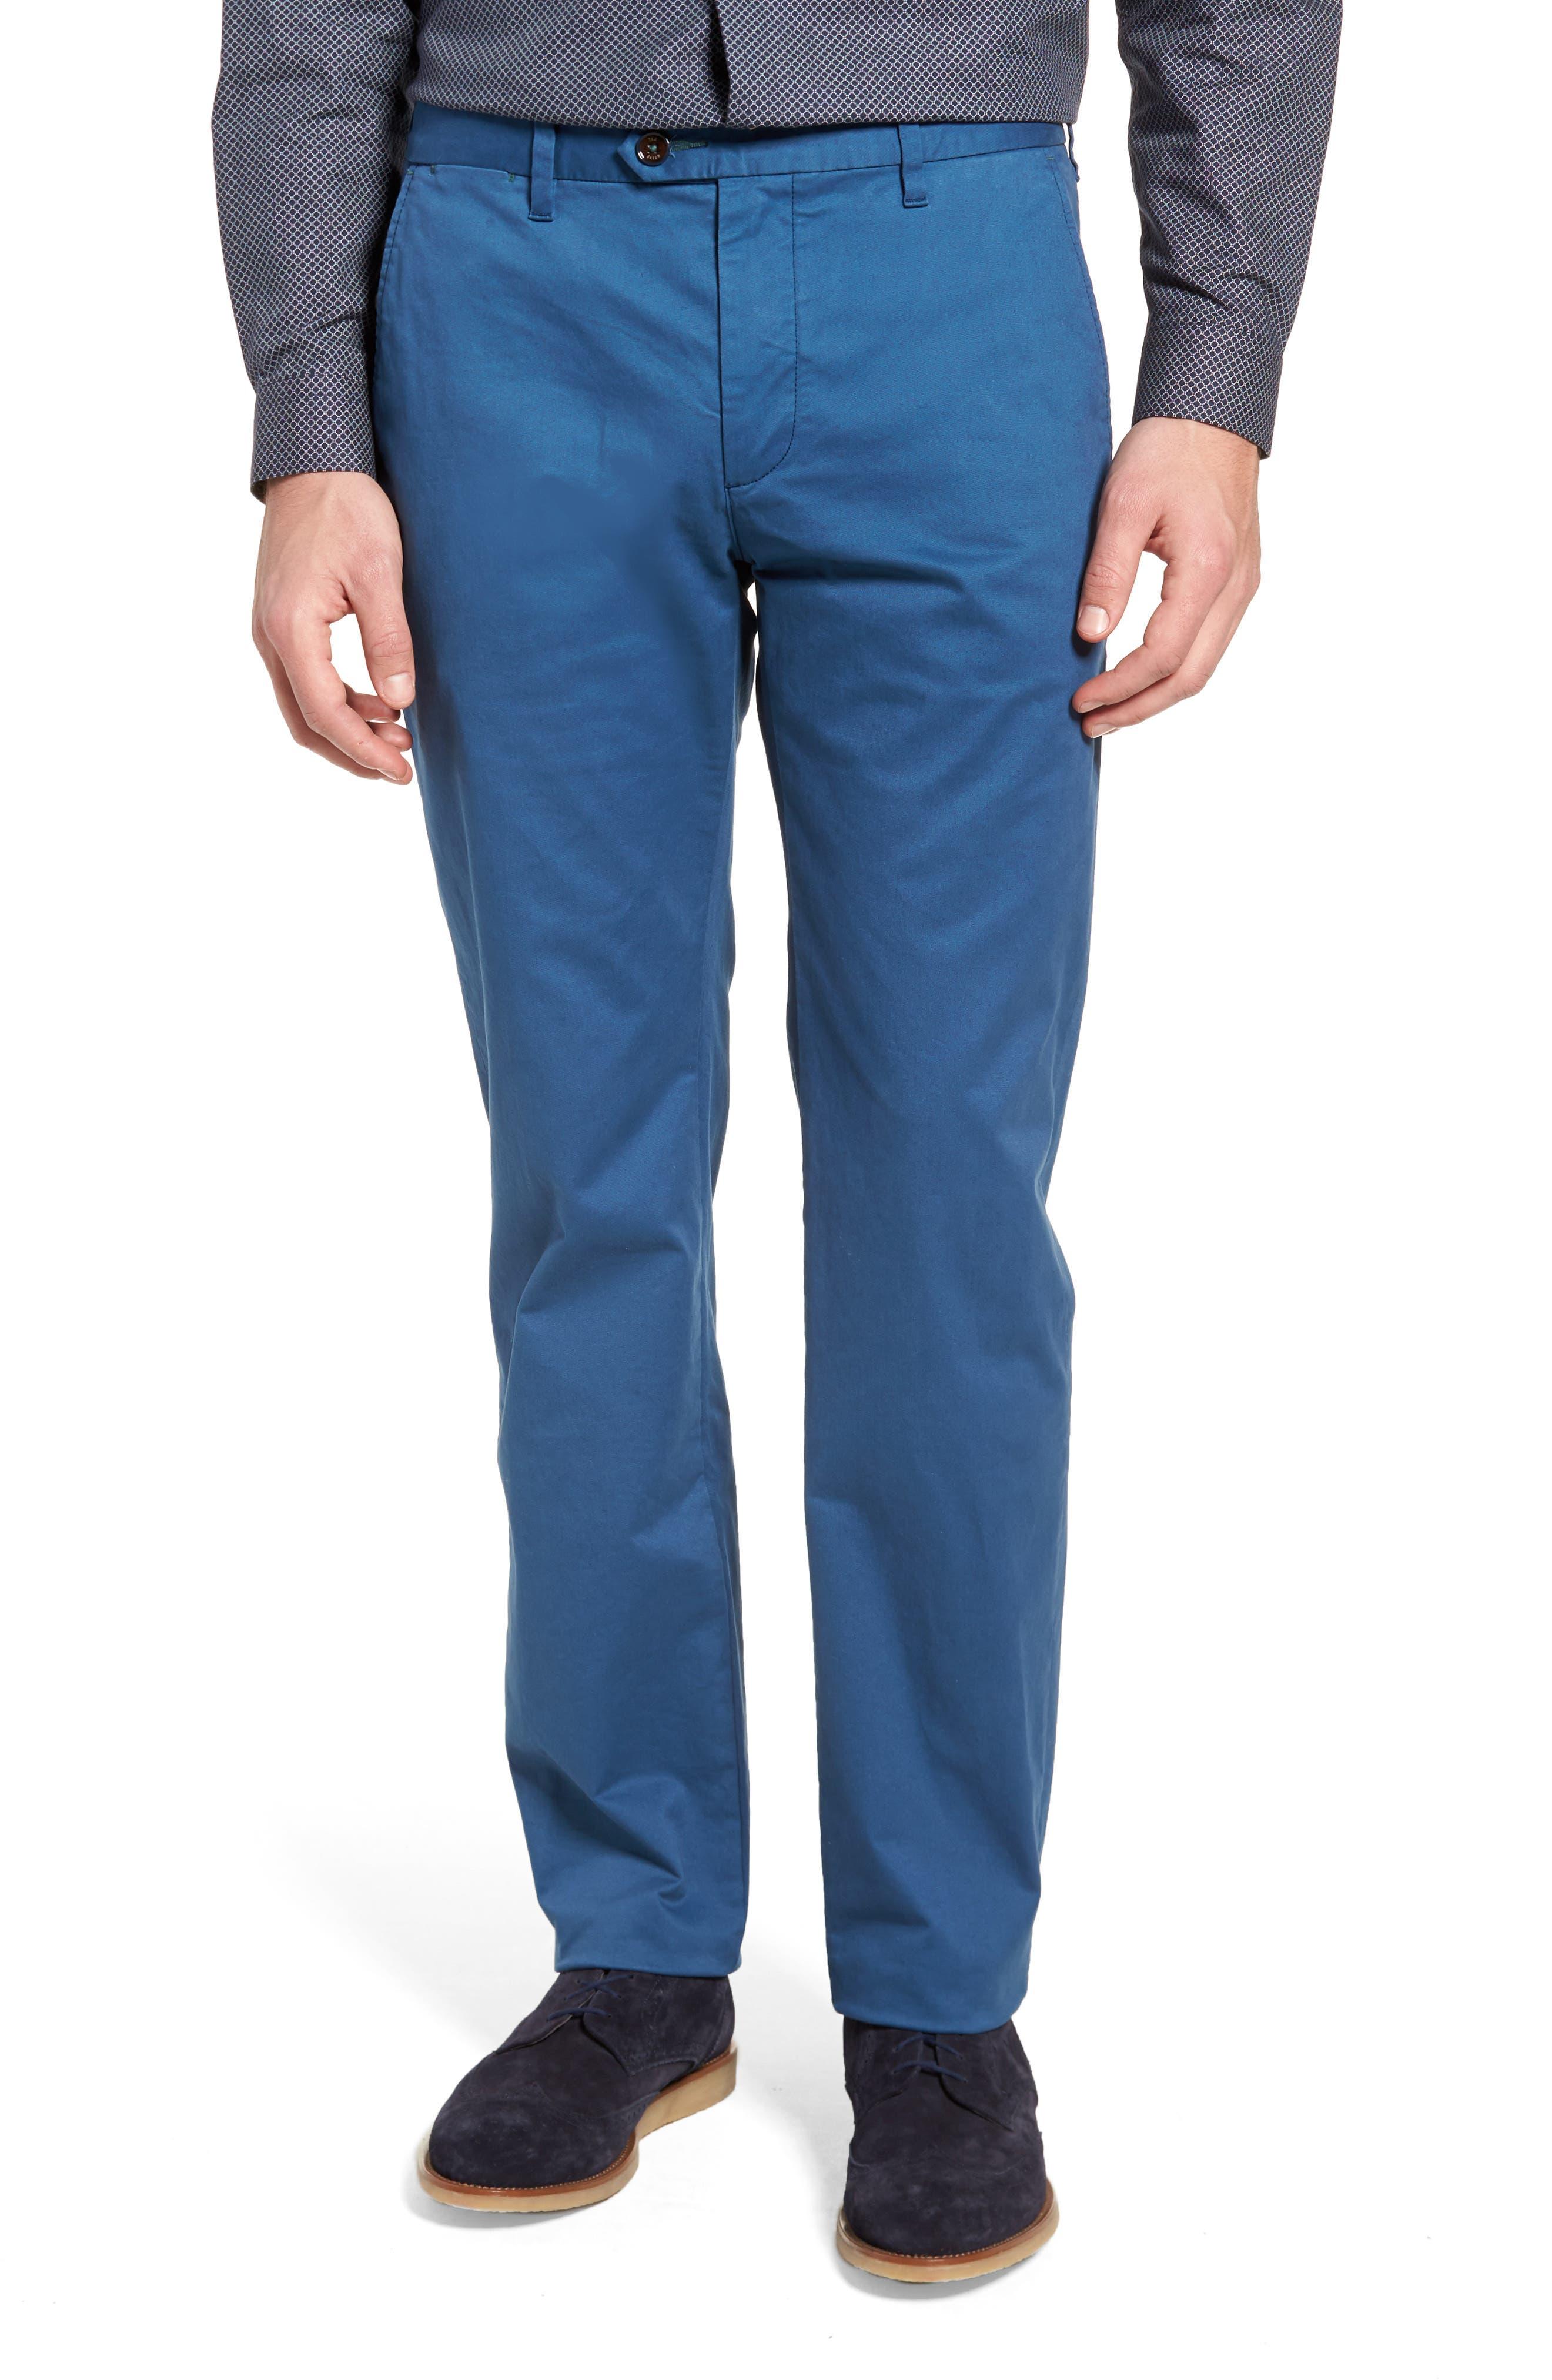 Procor Slim Fit Chino Pants,                             Main thumbnail 1, color,                             Navy